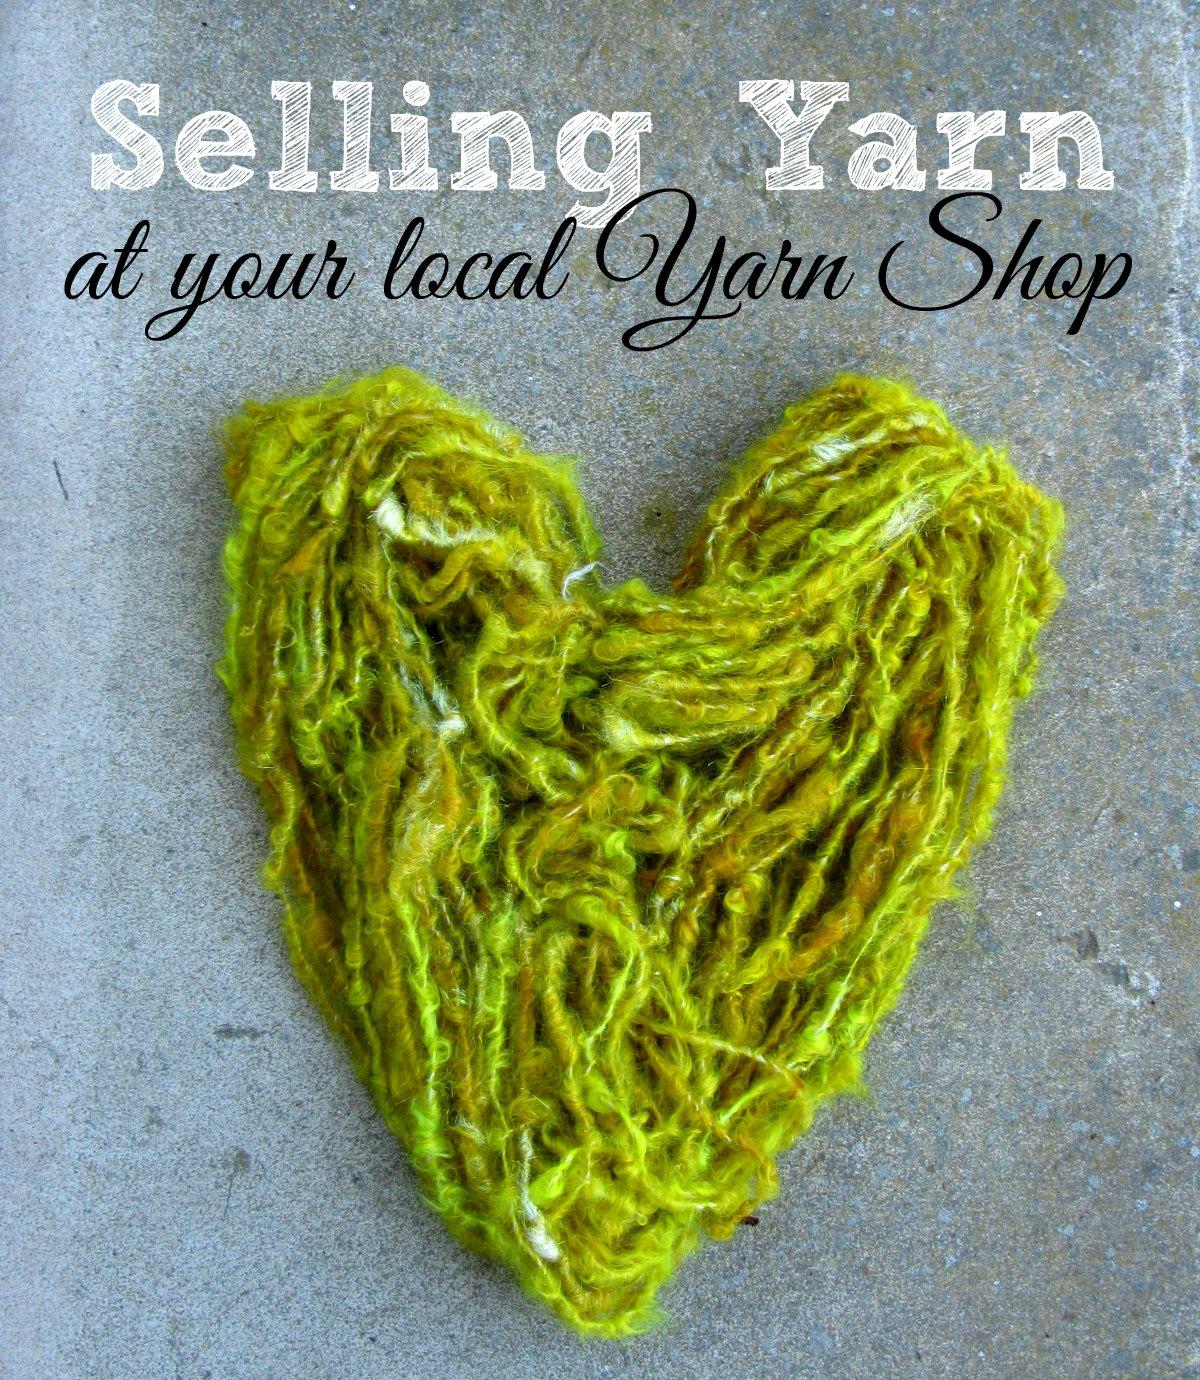 selling yarn